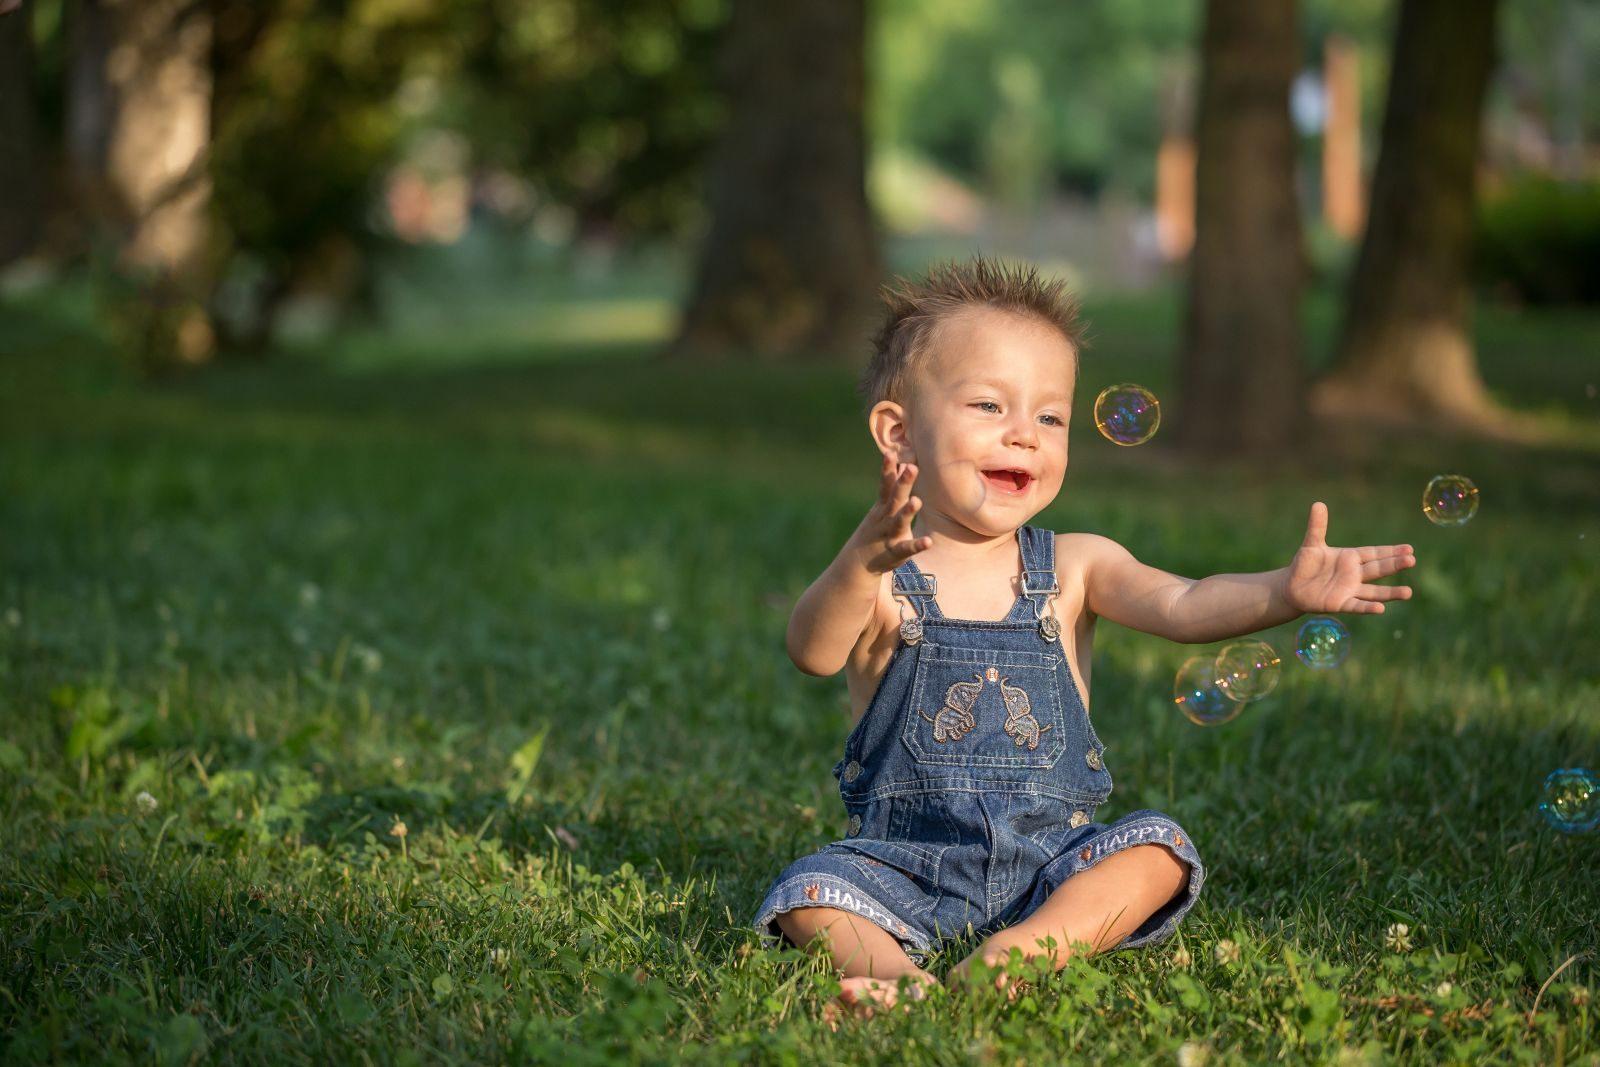 gyermek fotózás-Veszprém- Balaton-Balatonfüred-Balatonalamádi-tihany környéke